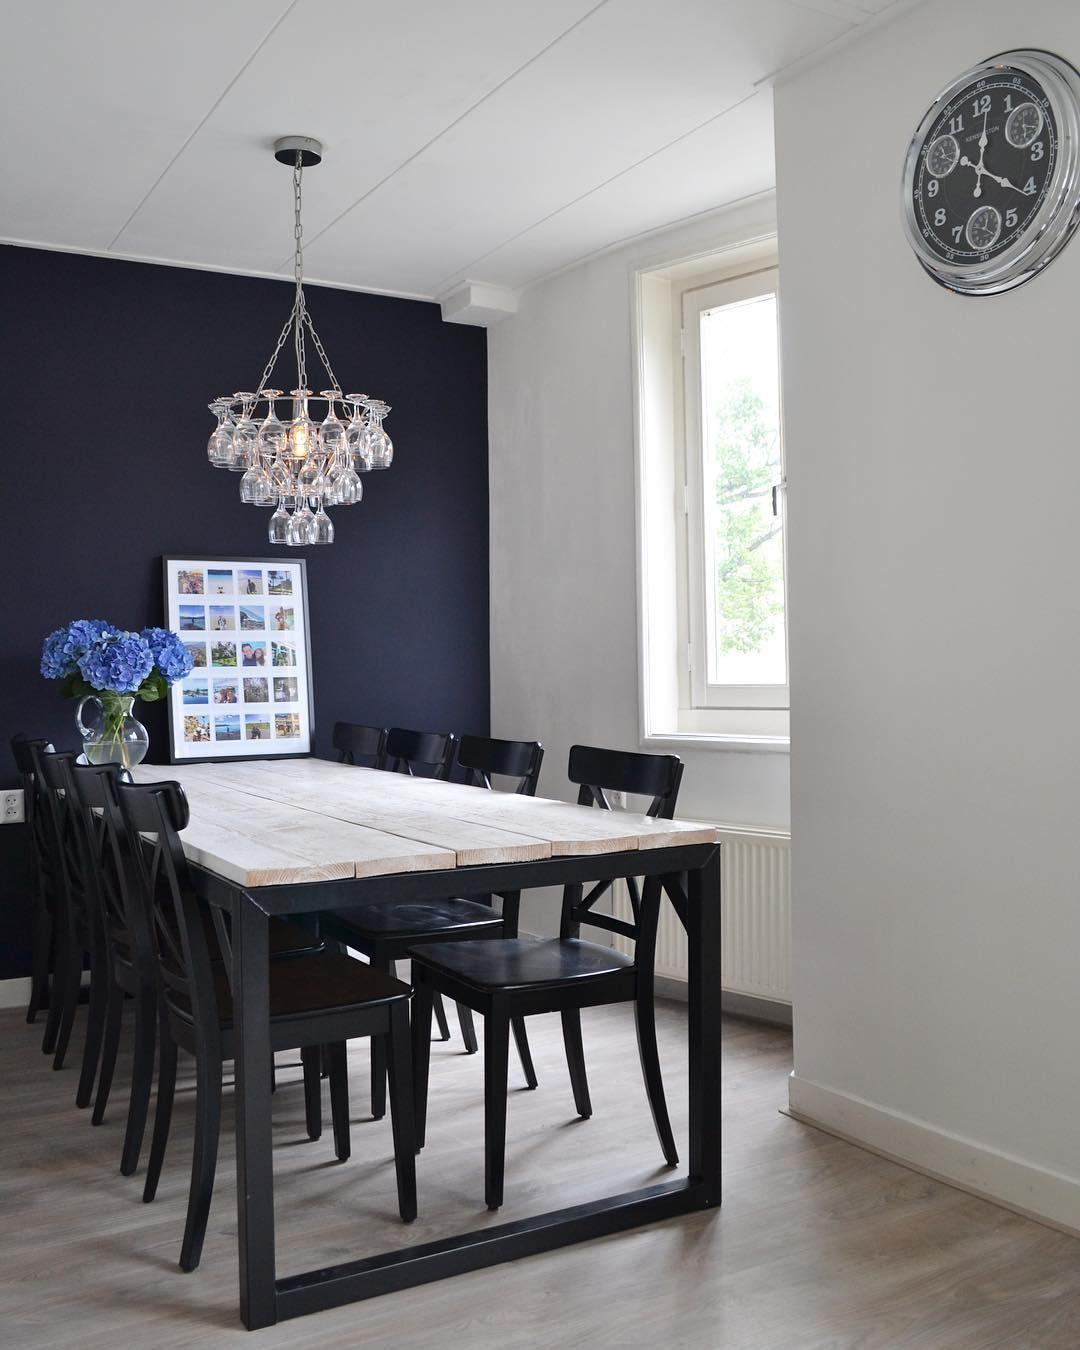 Ein Esszimmer Mit Extravaganz. Die Esszimmer Tisch Passt Perfektzu Der  Dunklen Wand Mit